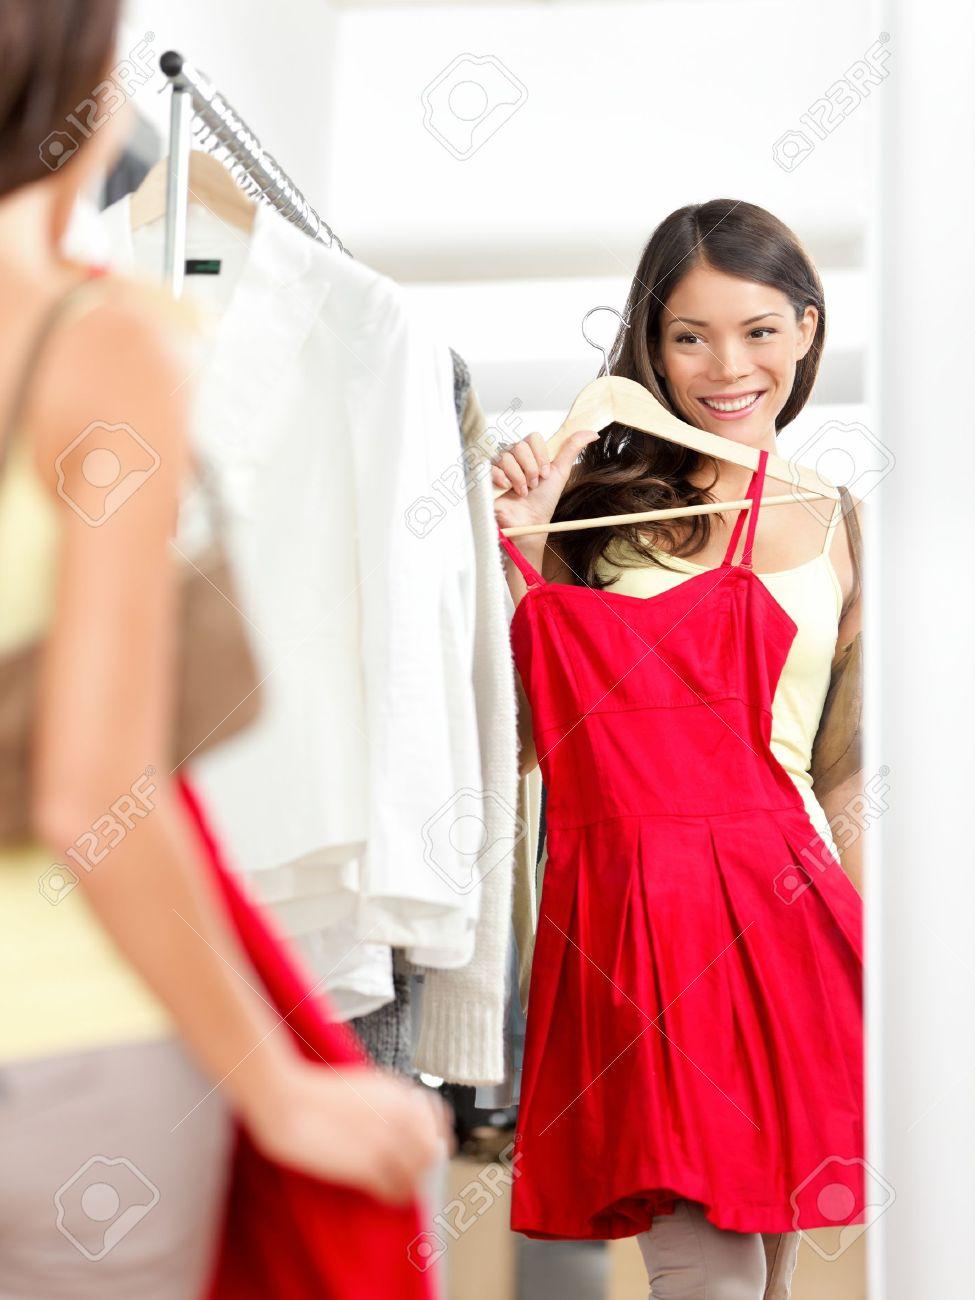 Shopper Frau, die versucht Kleidung Kleid beim Einkaufen in Bekleidungsgeschäft beim Verkauf. Schöne junge multikulturelle Asian / kaukasischen weibliche Modell lächelnd glücklich und fröhlich. Standard-Bild - 17892534